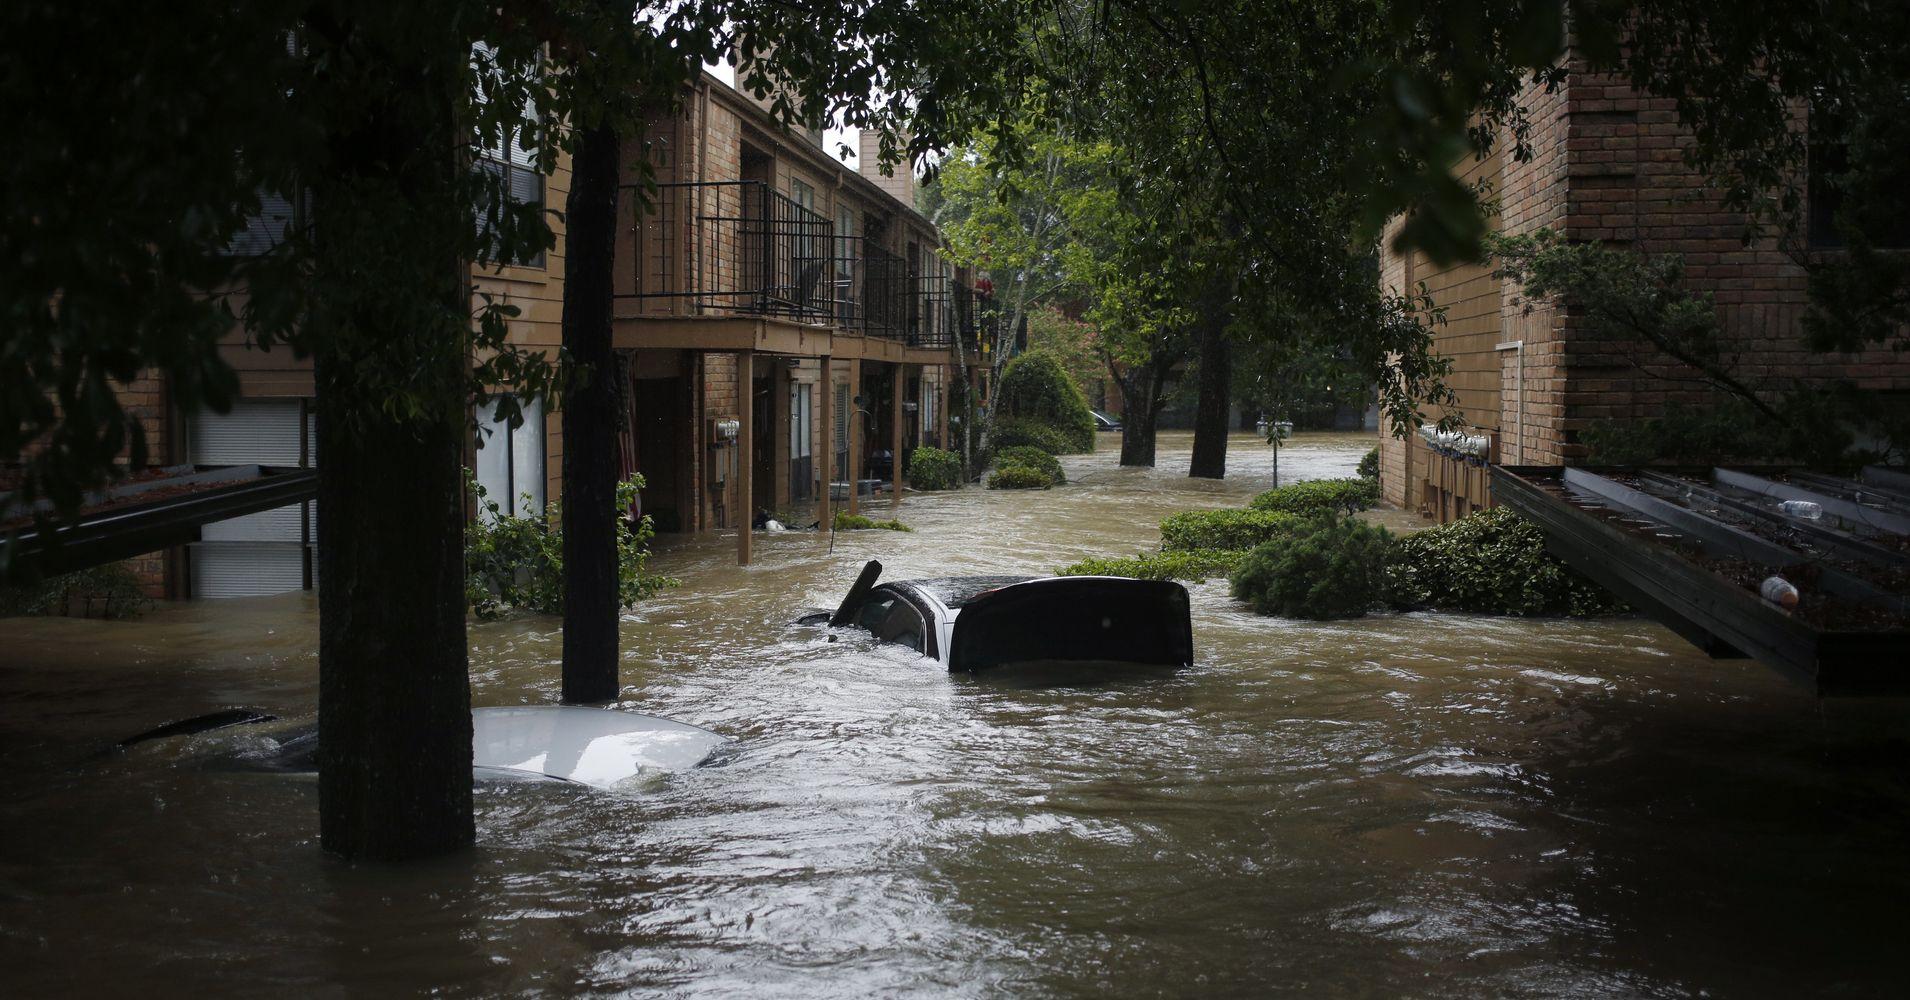 6 Family Members, Including 4 Children, Presumed Dead In Harvey Floods